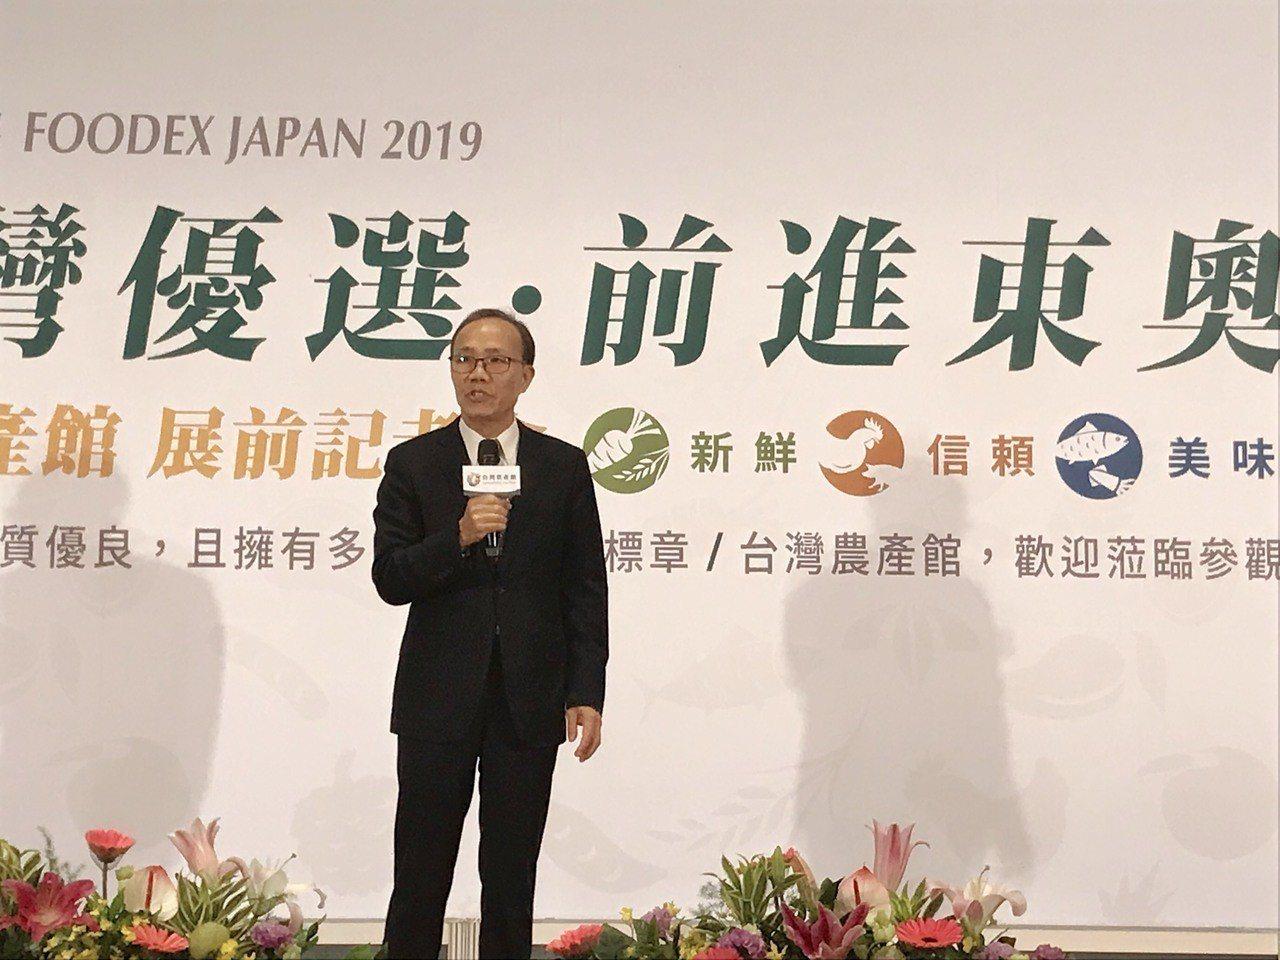 農委會今天召開記者會,宣布今年農委會籌組「台灣農產館」的方式,帶國內業者參加今年...